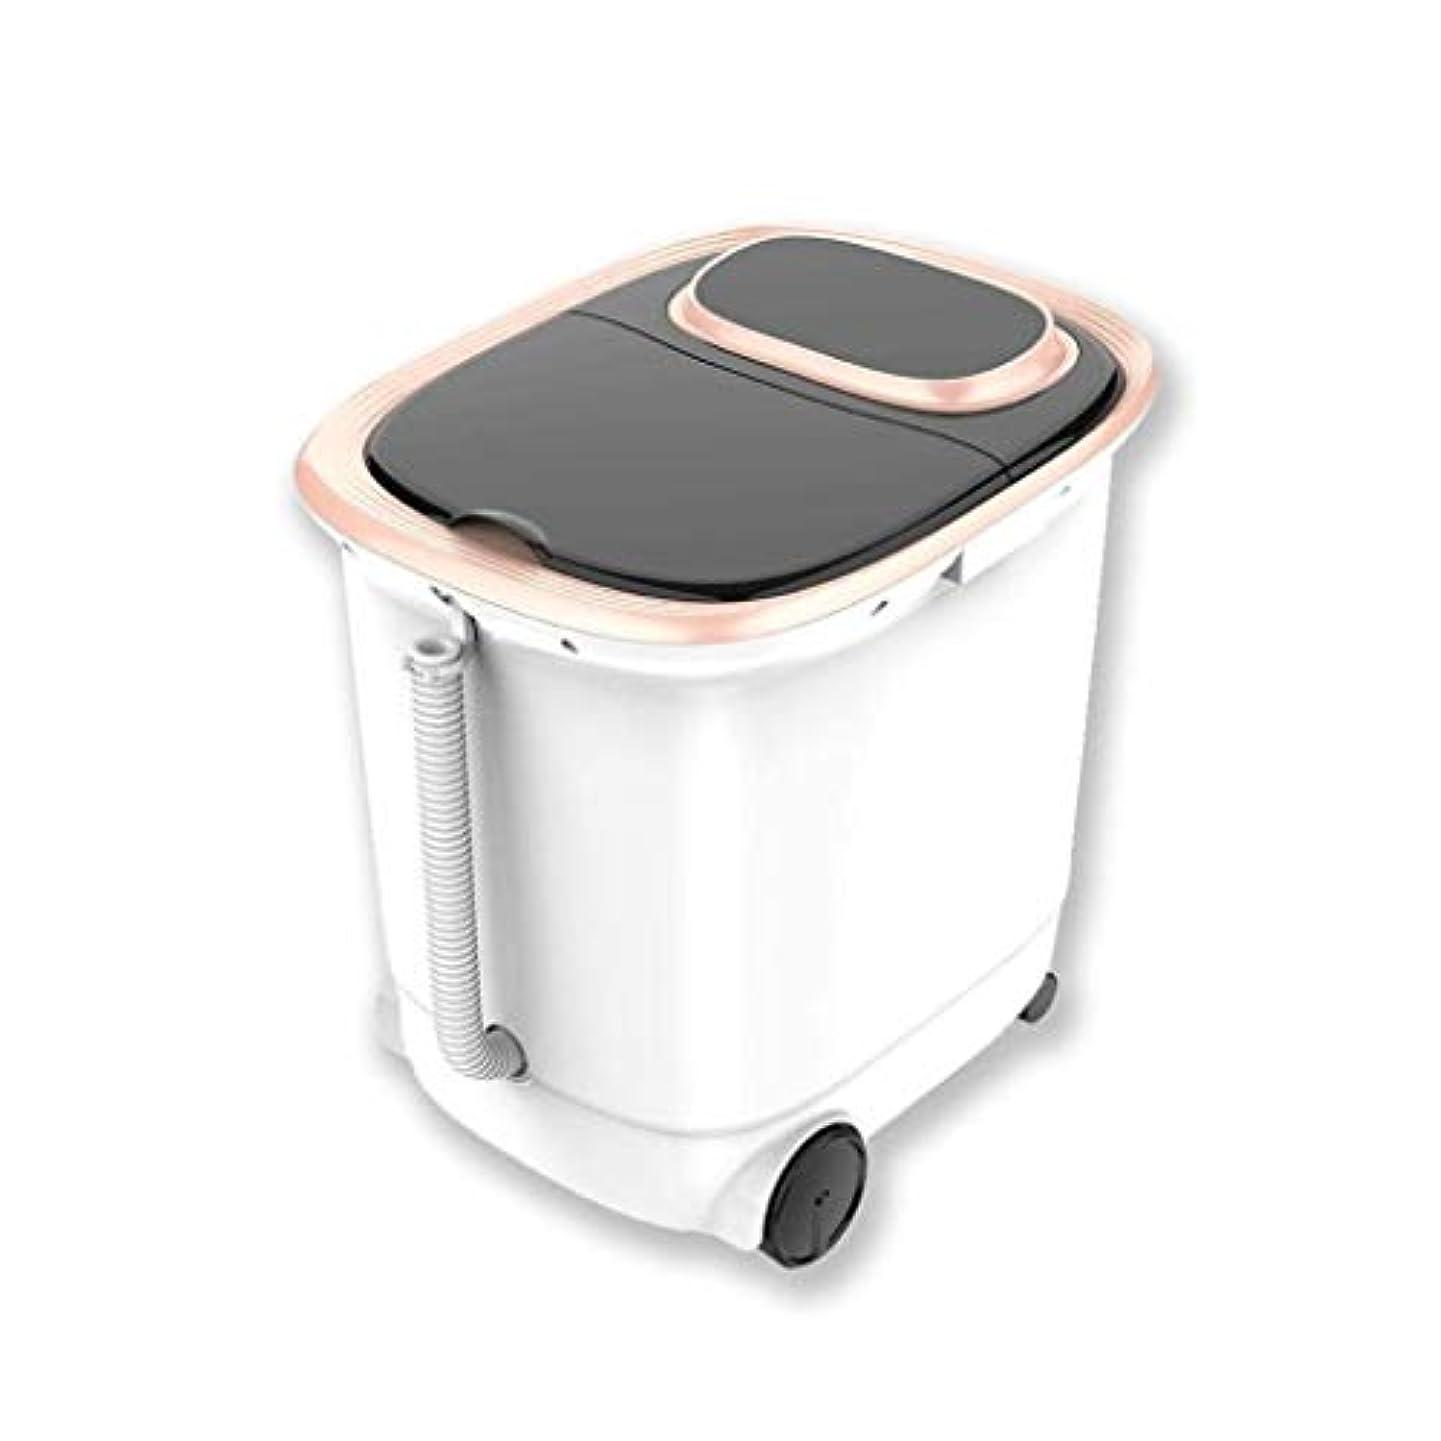 浴室実験室聖なるフットスパマッサージフットバス、自動加熱マッサージフットバス、フットケア磁気療法振動マッサージ、LEDディスプレイ、ストレス解消、睡眠促進